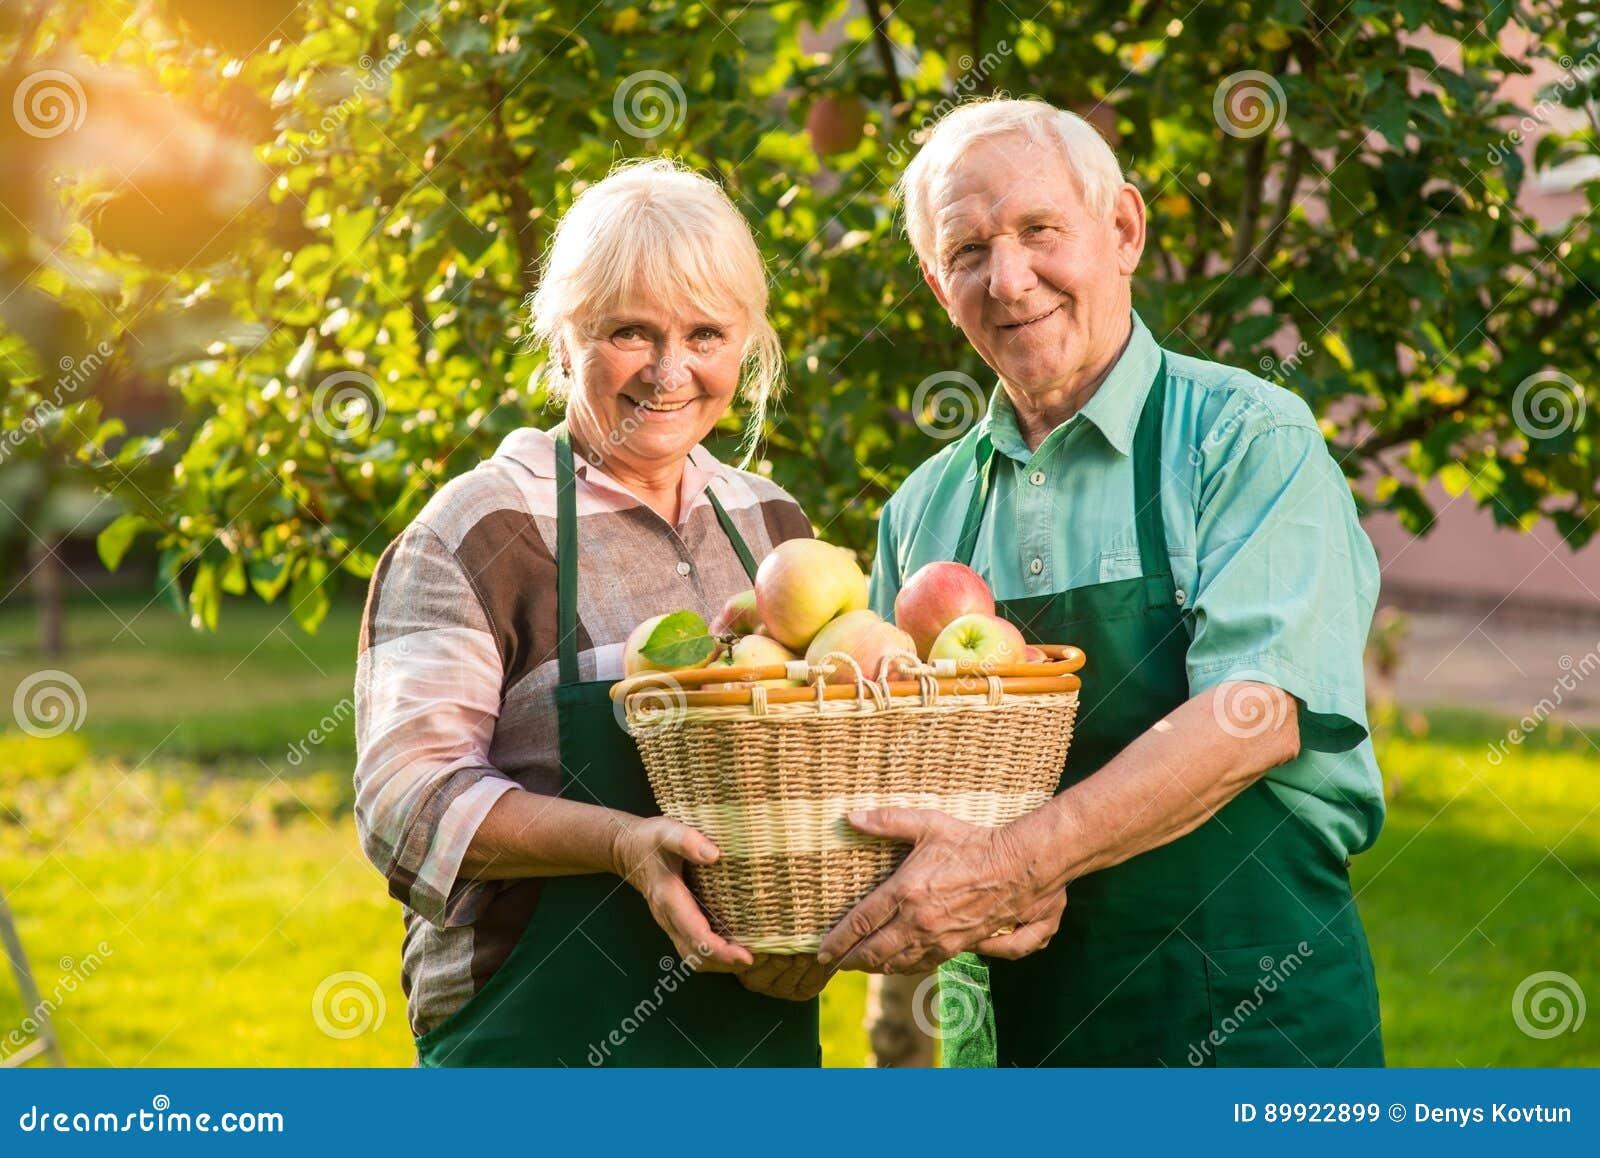 拿着苹果篮子的年长夫妇